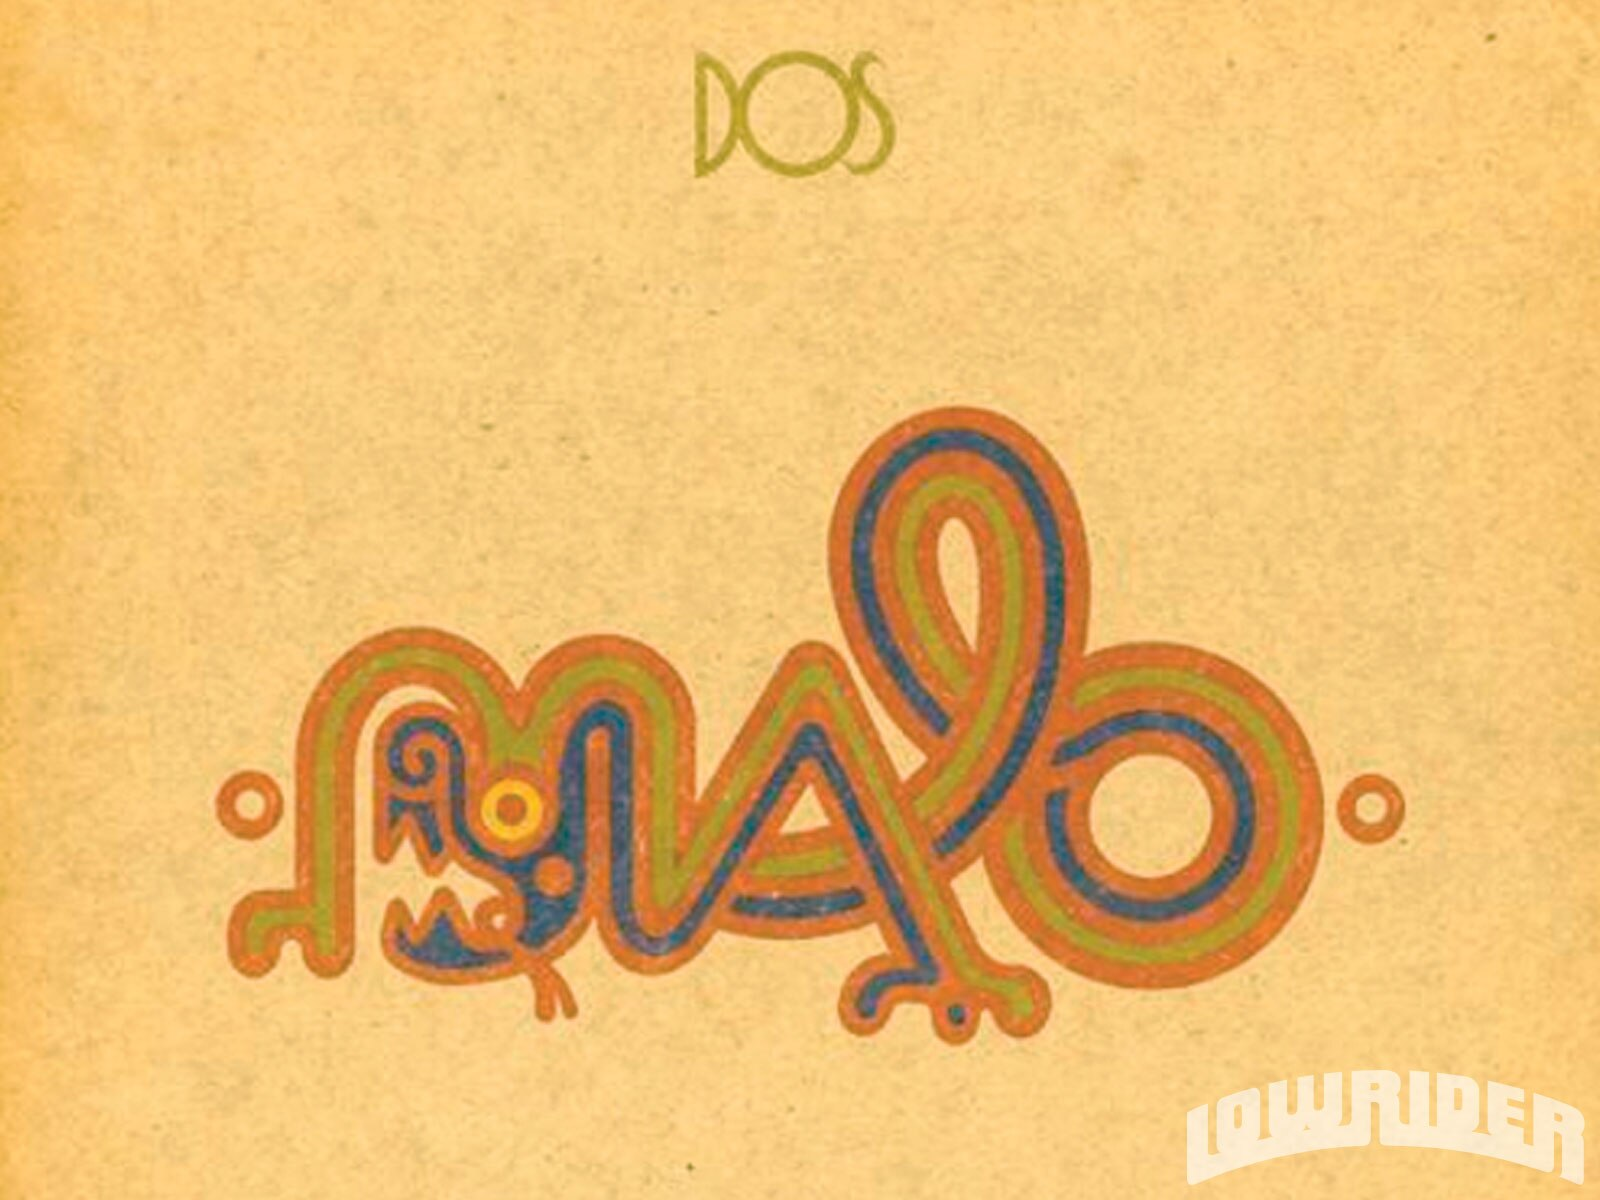 1004_lrmp_01_o-malo-dos3